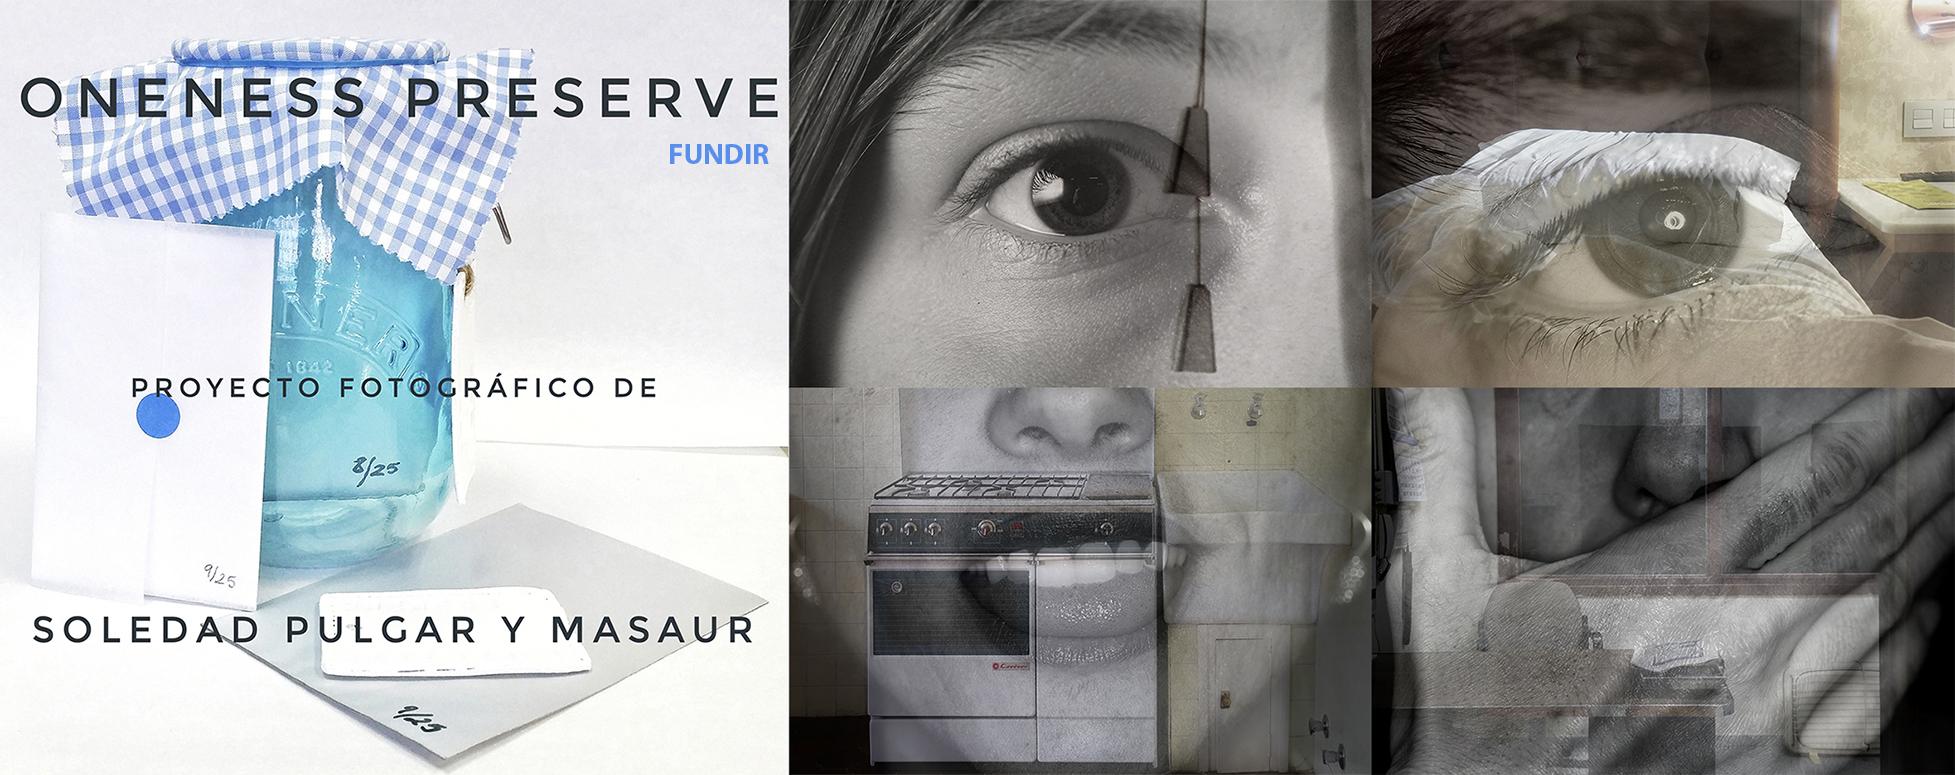 ONENESS PRESERVE_FUNDIR-MasauR-Soledad Pulgar